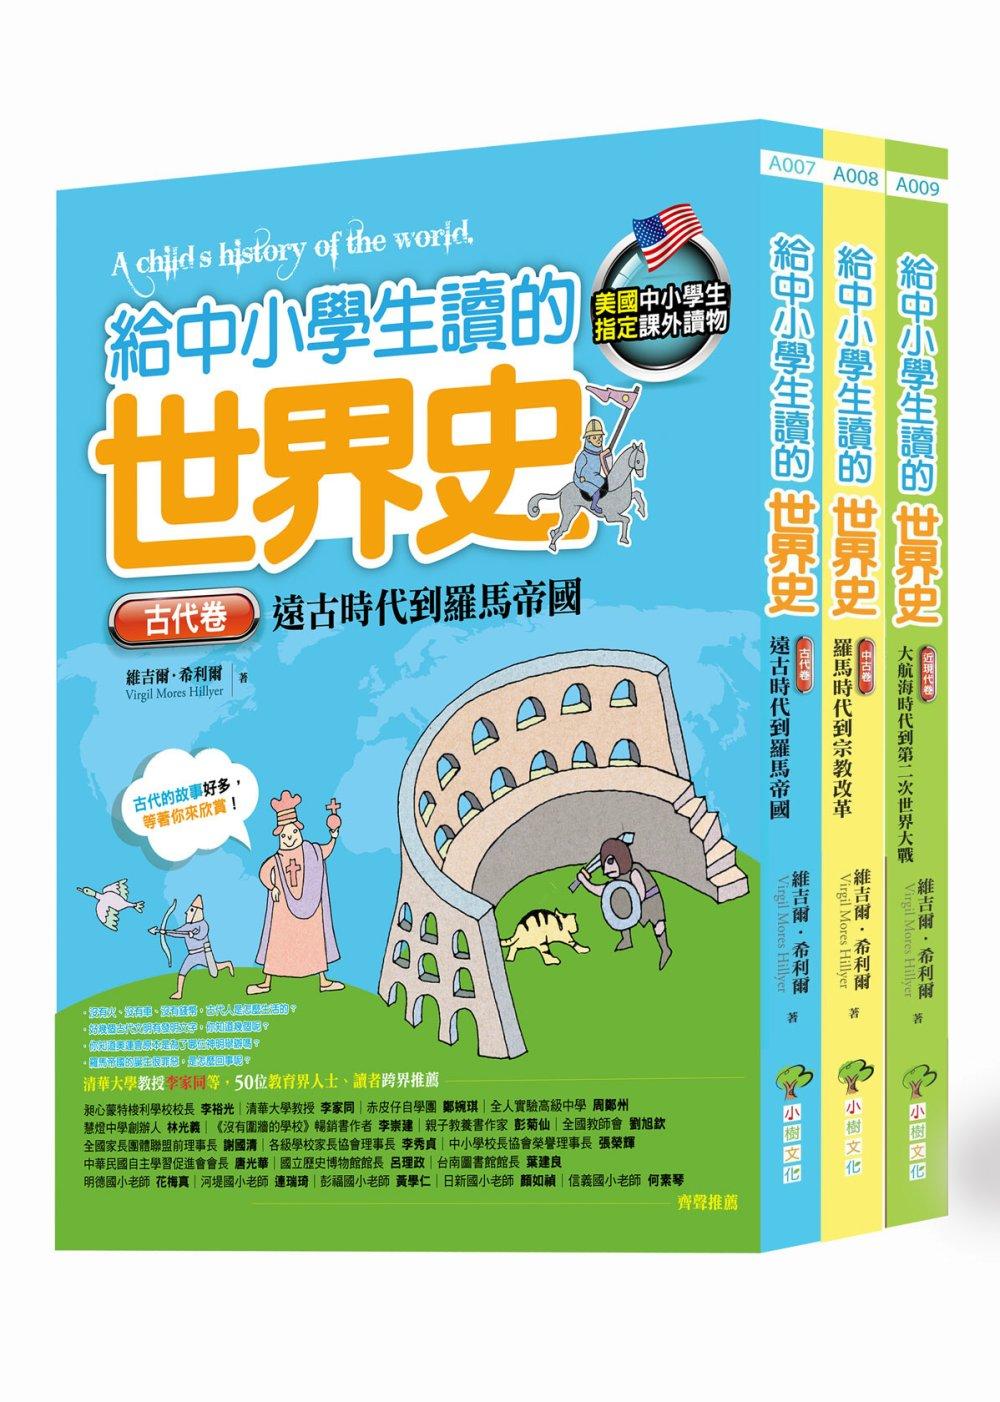 給中小學生讀的世界史(全套三冊,【古代卷】+【中古卷】+【近現代卷】)